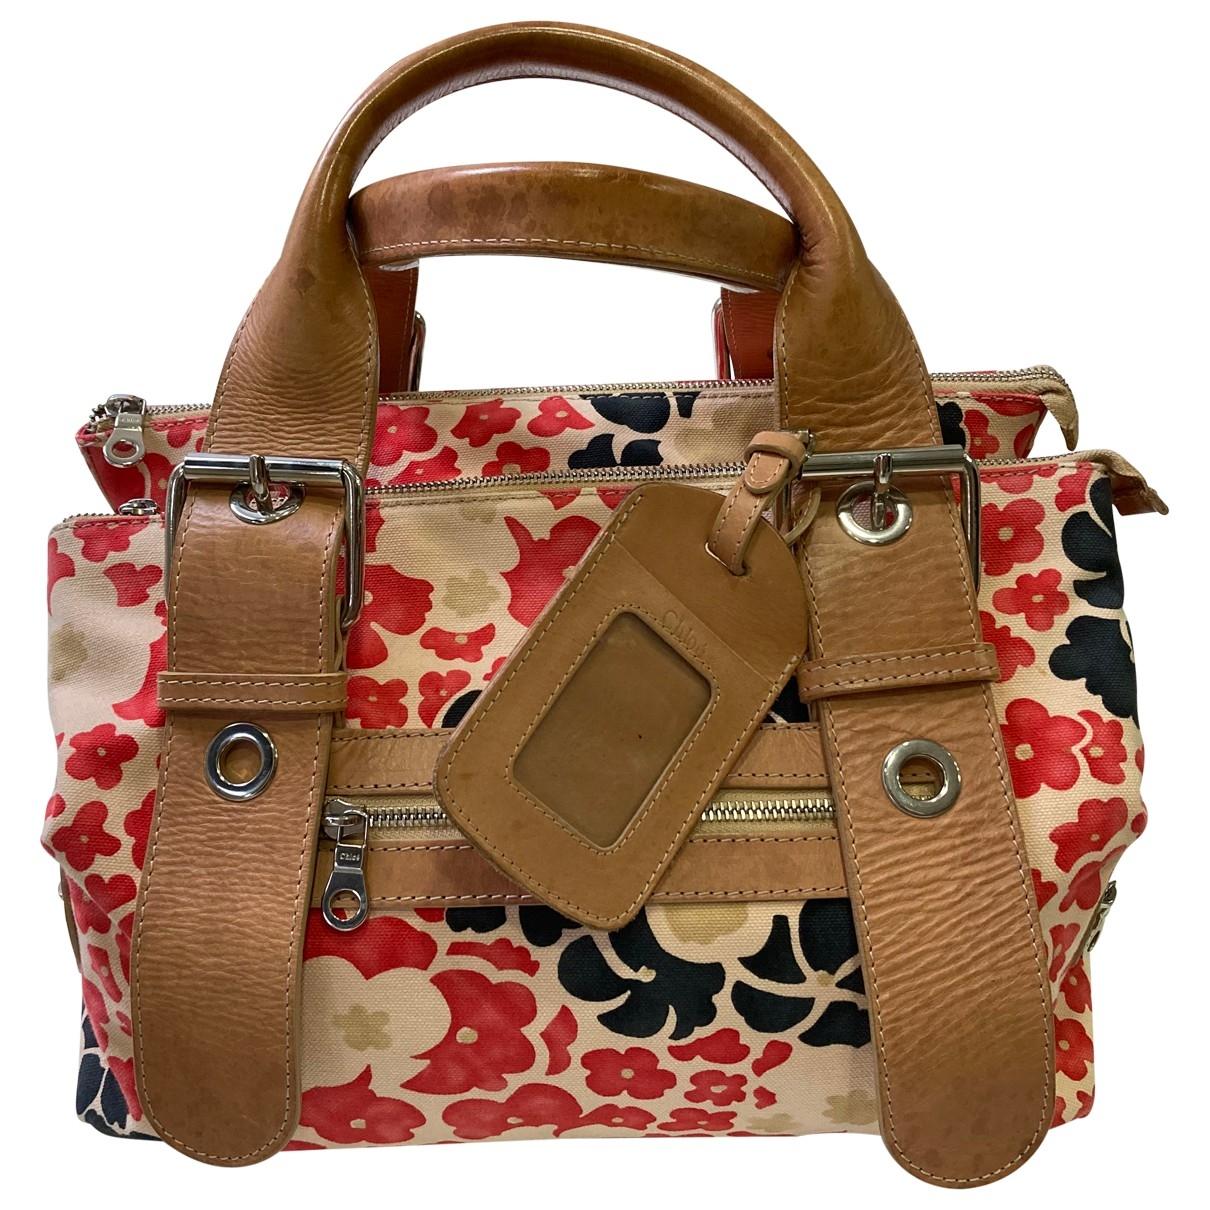 Chloe \N Handtasche in  Bunt Leinen